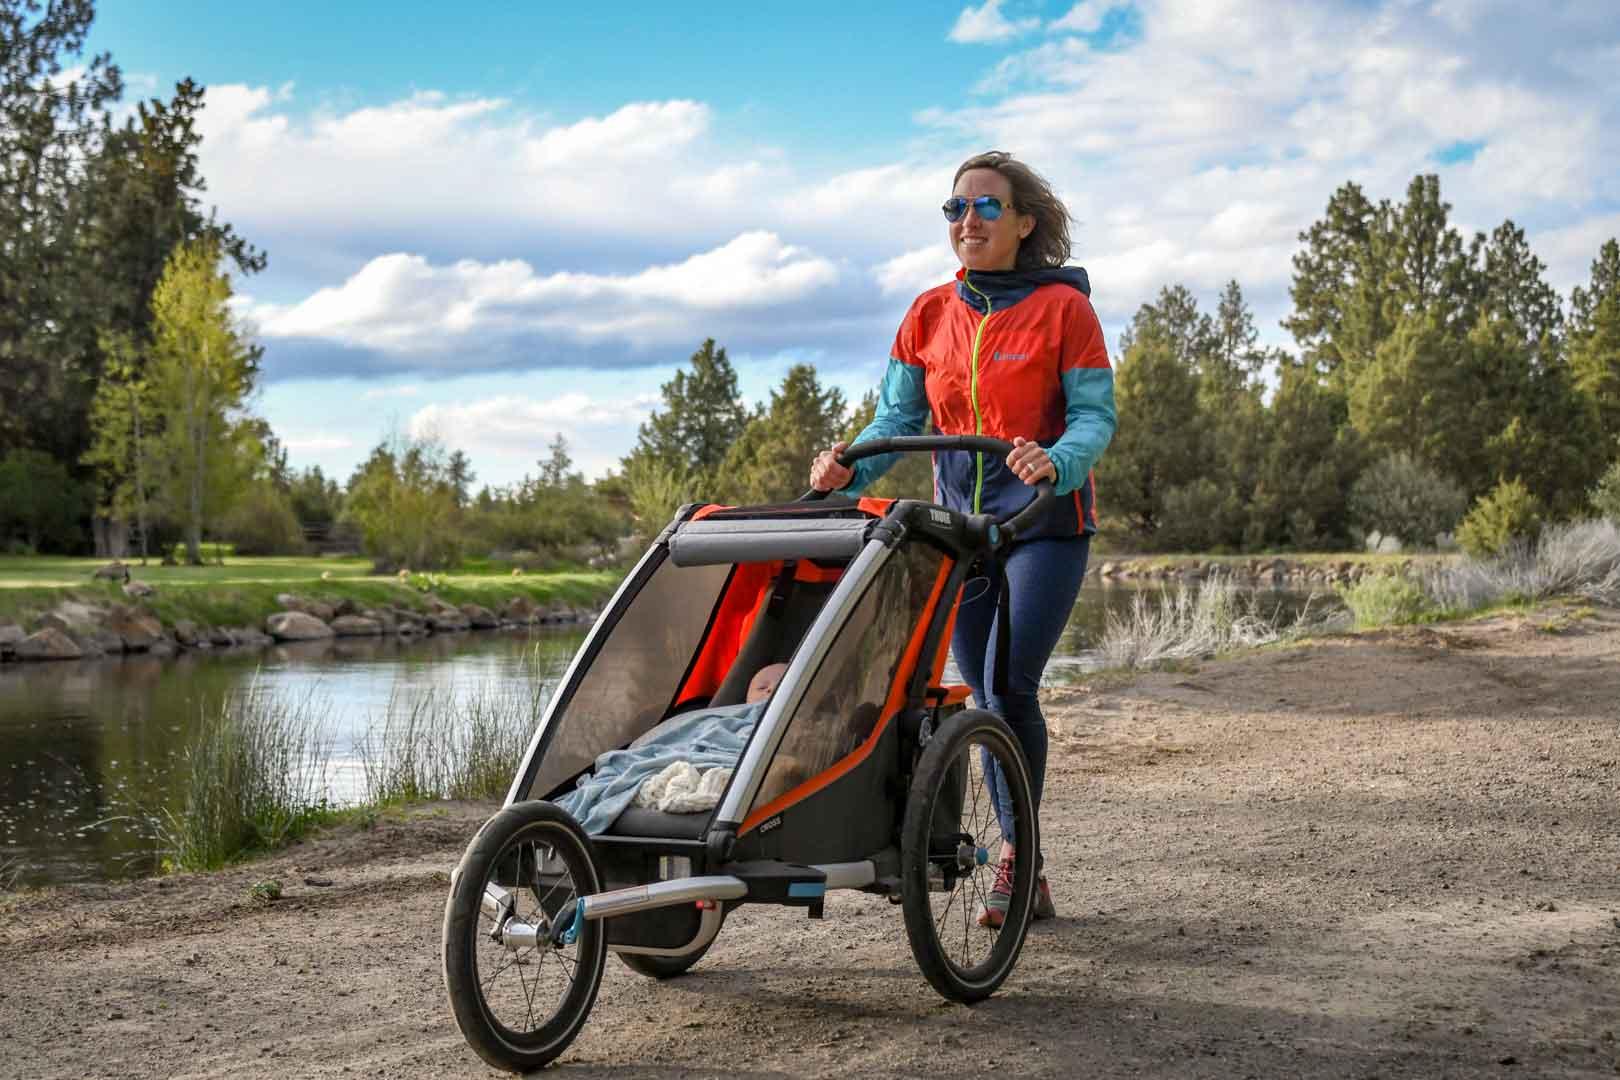 Recension av Thule joggingvagn